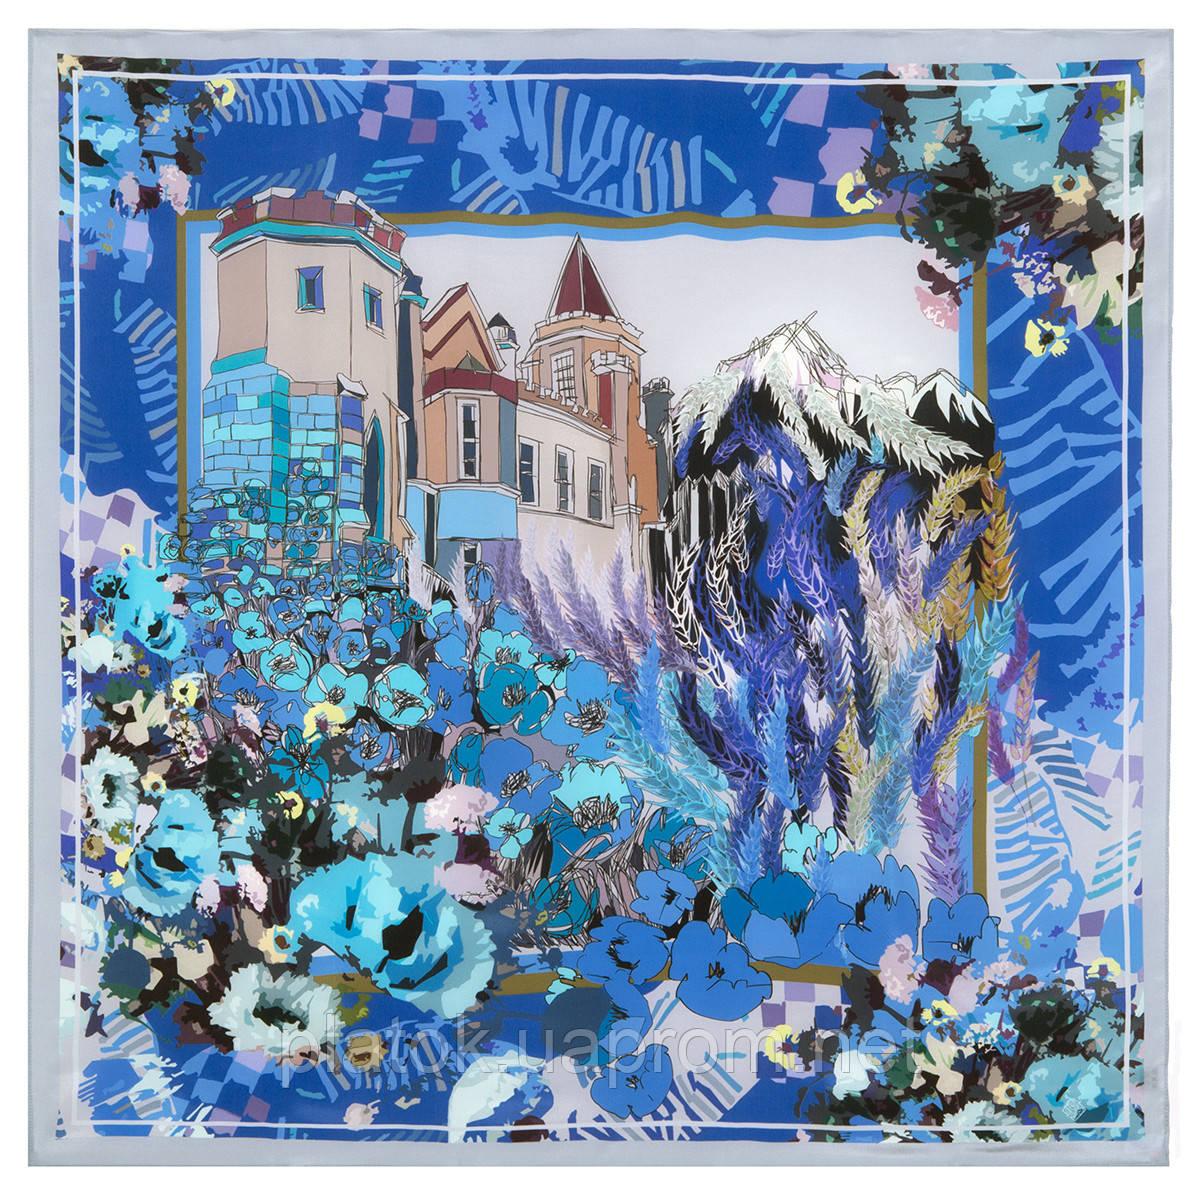 10121 платок шелковый (крепдешин) 10121-14, павлопосадский платок (крепдешин) шелковый с подрубкой